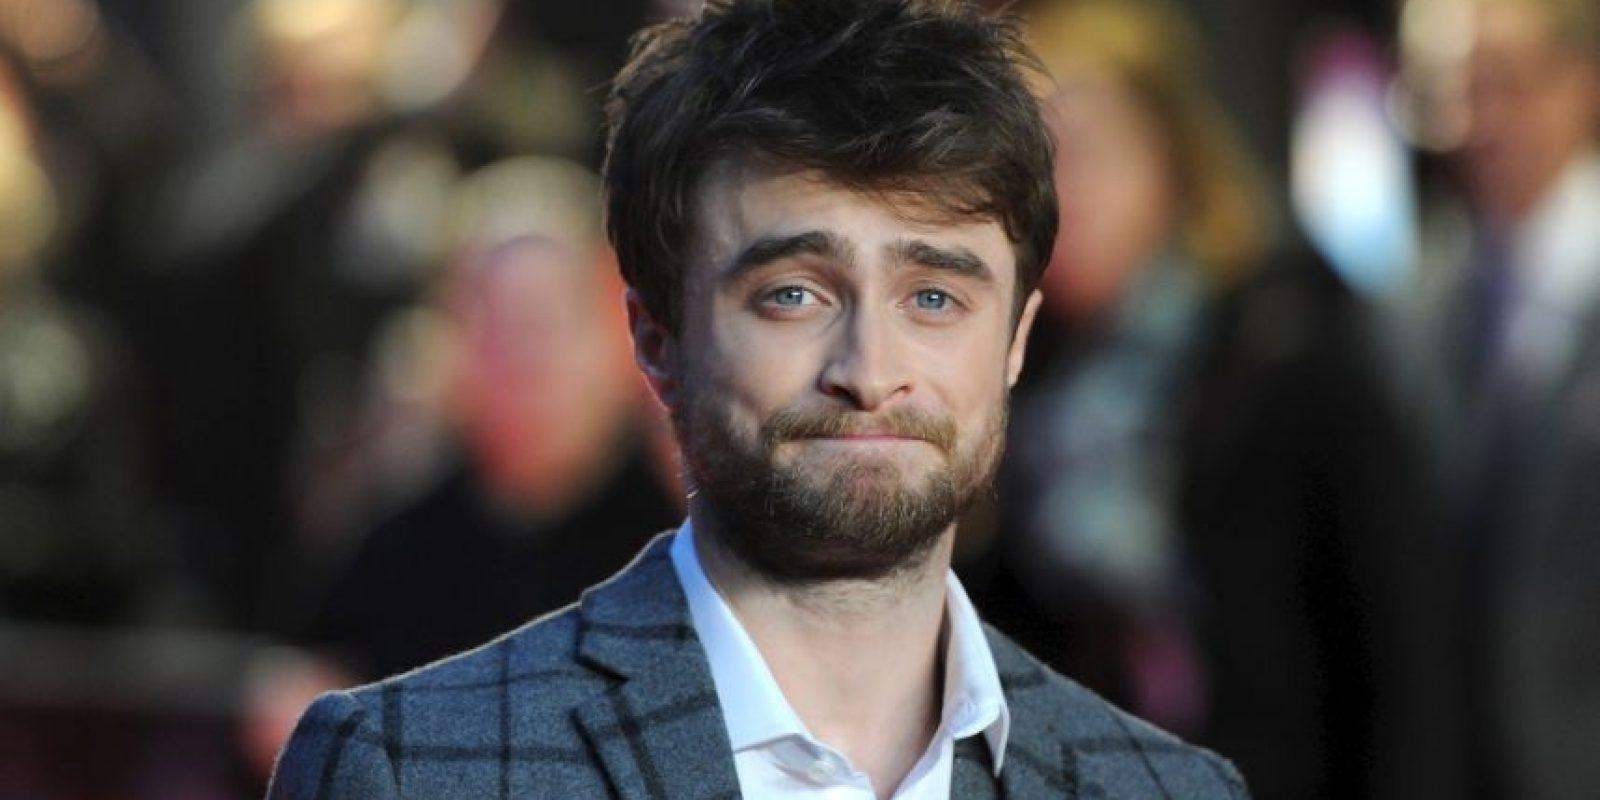 """El actor británico fue elegido como el """"Mejor boody del Año"""" en una encuesta realizada en Internet. Foto:Getty Images"""